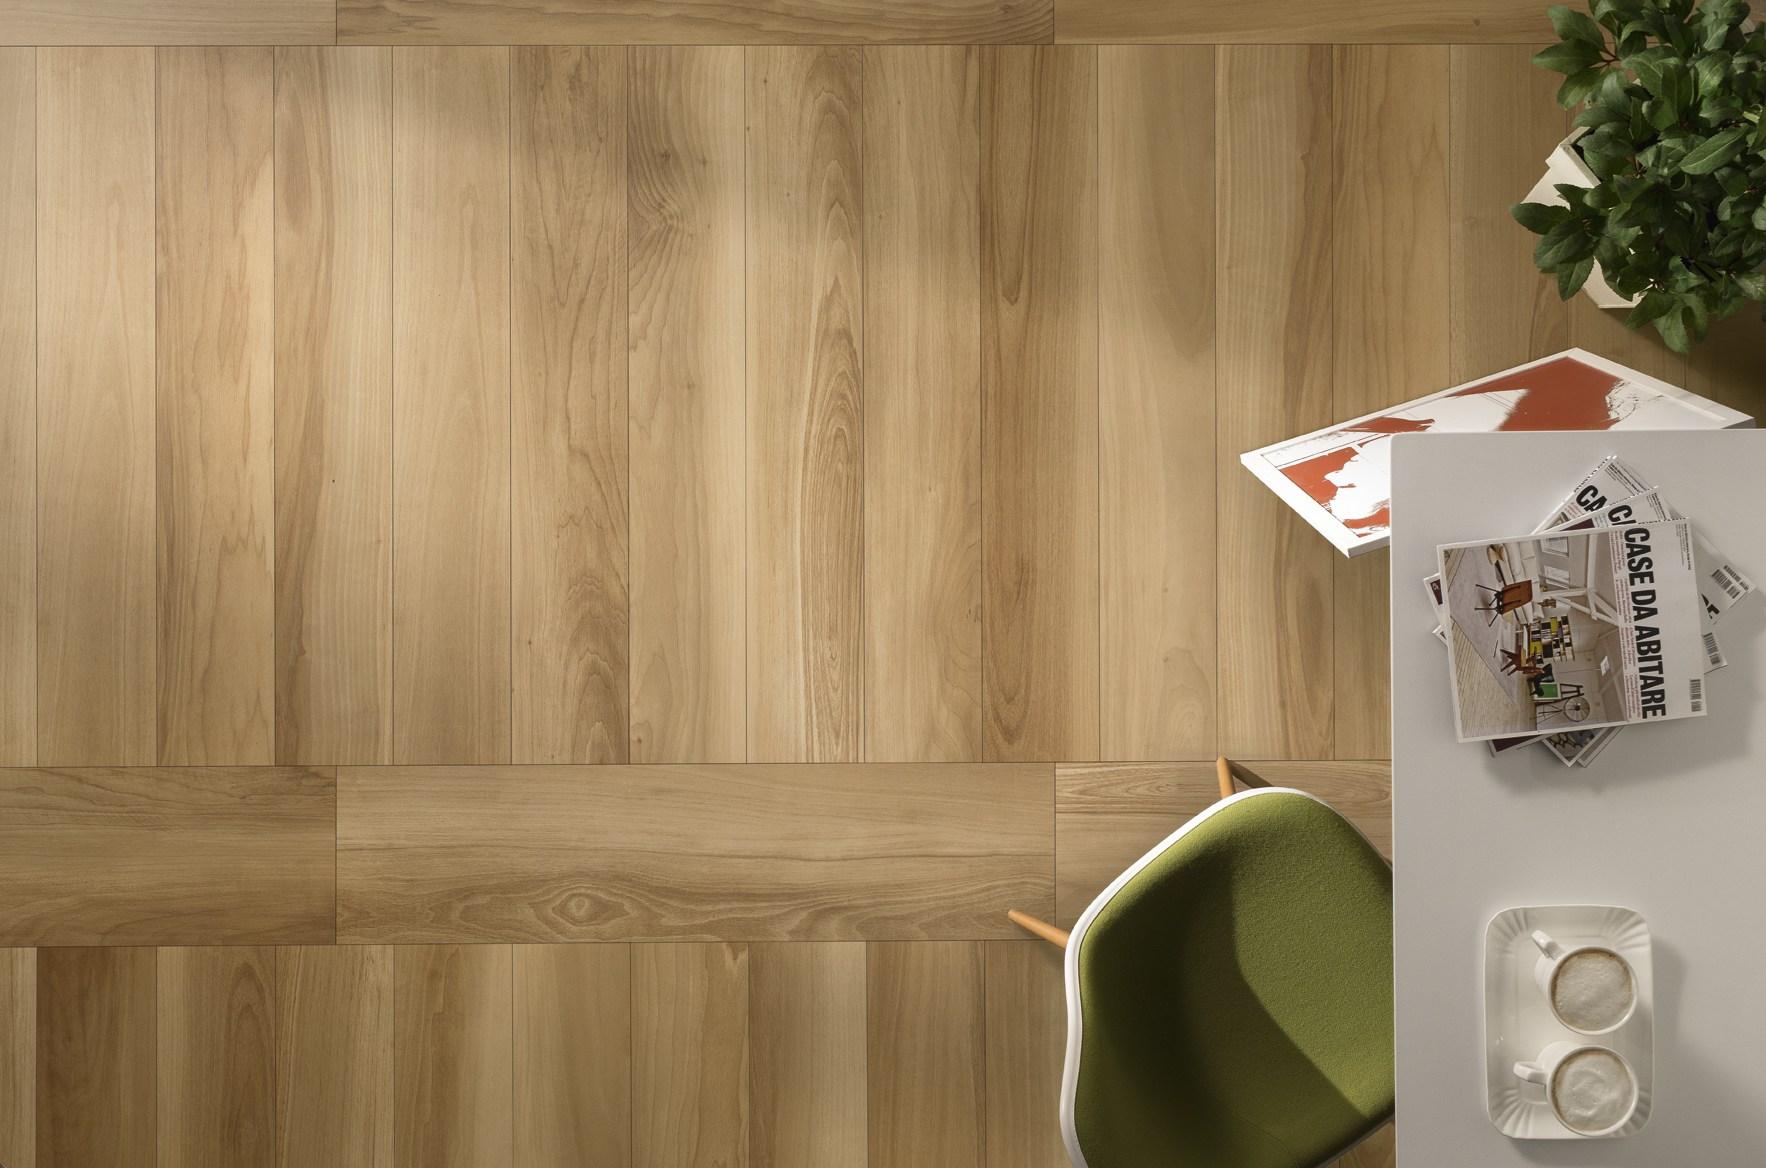 Finiture d interni la piastrella effetto legno arredativo design